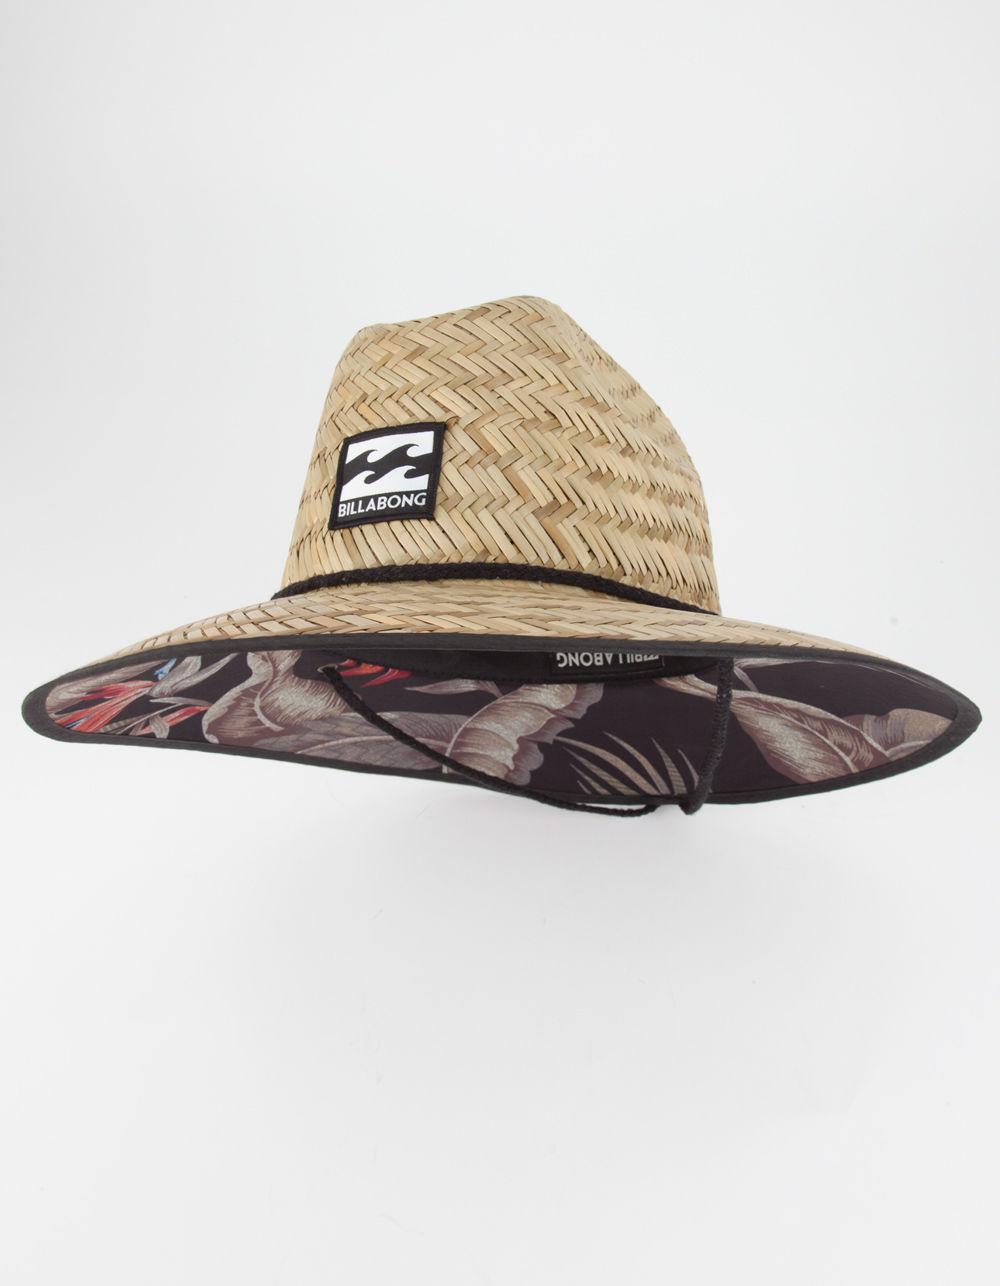 ... sale lyst billabong tides lifeguard hat in natural for men b1f1f c9d8c a1f5032d5211